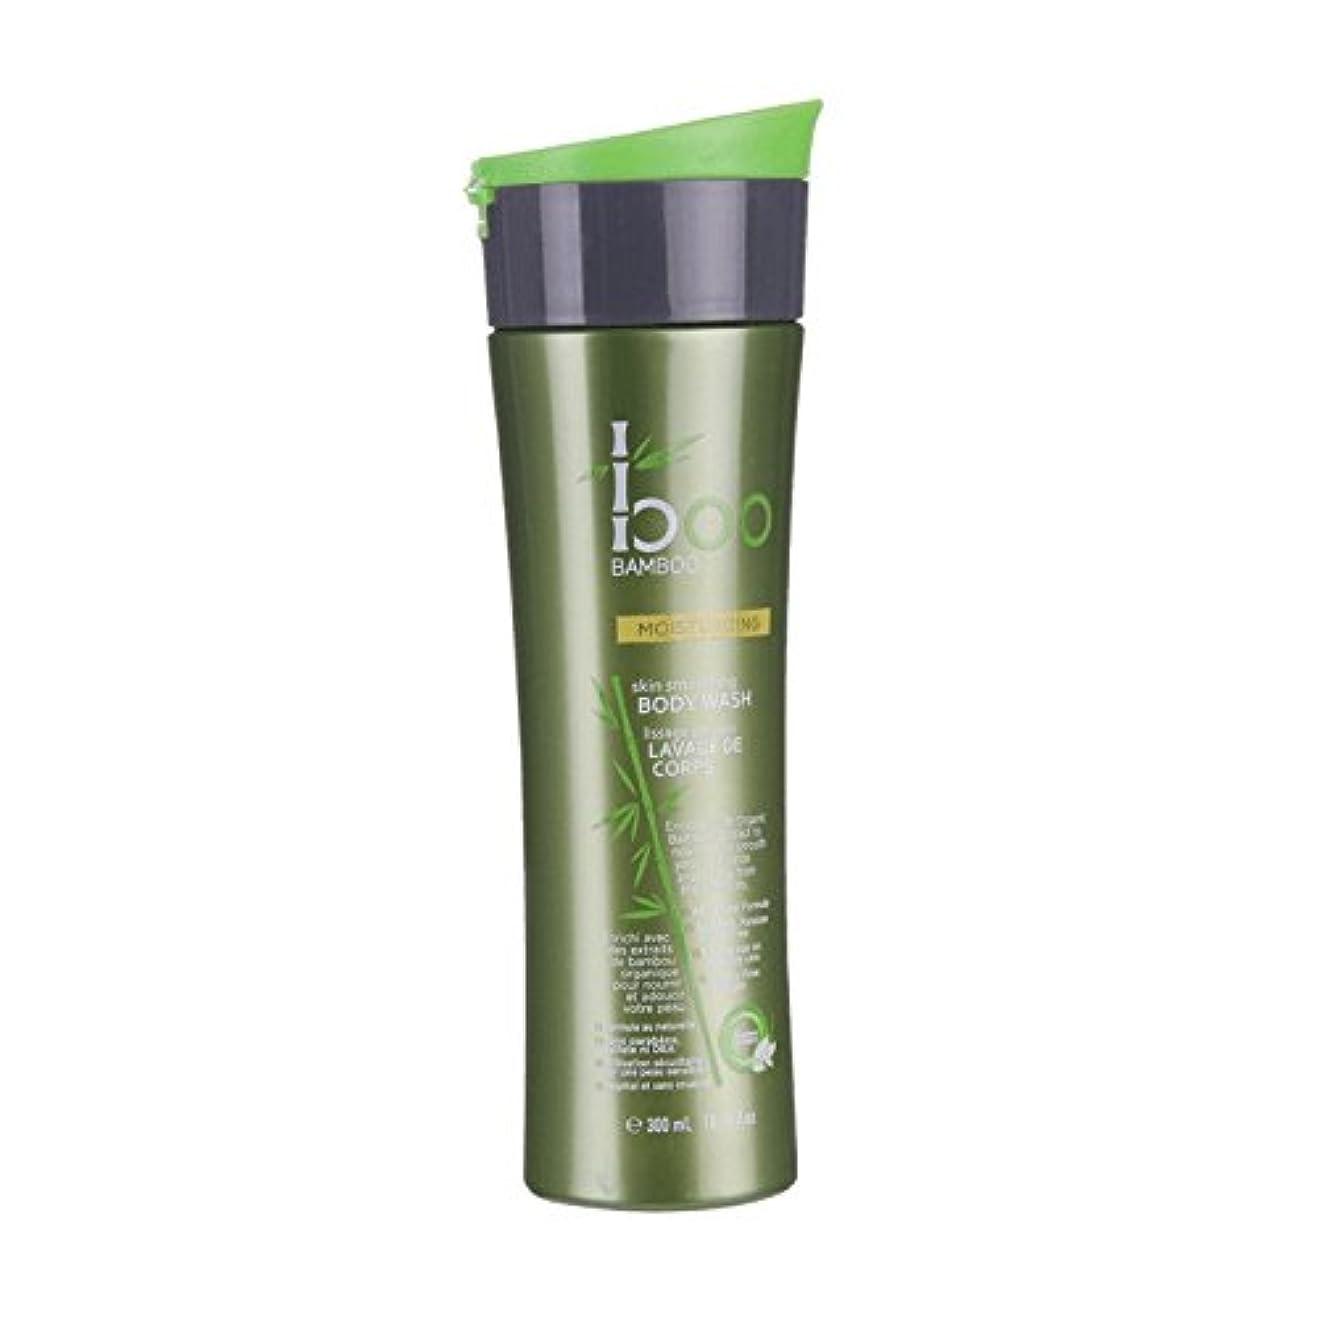 良性番目カナダBoo Bamboo Moist Body Wash 300ml (Pack of 6) - 竹しっとりボディウォッシュ300ミリリットルブーイング (x6) [並行輸入品]